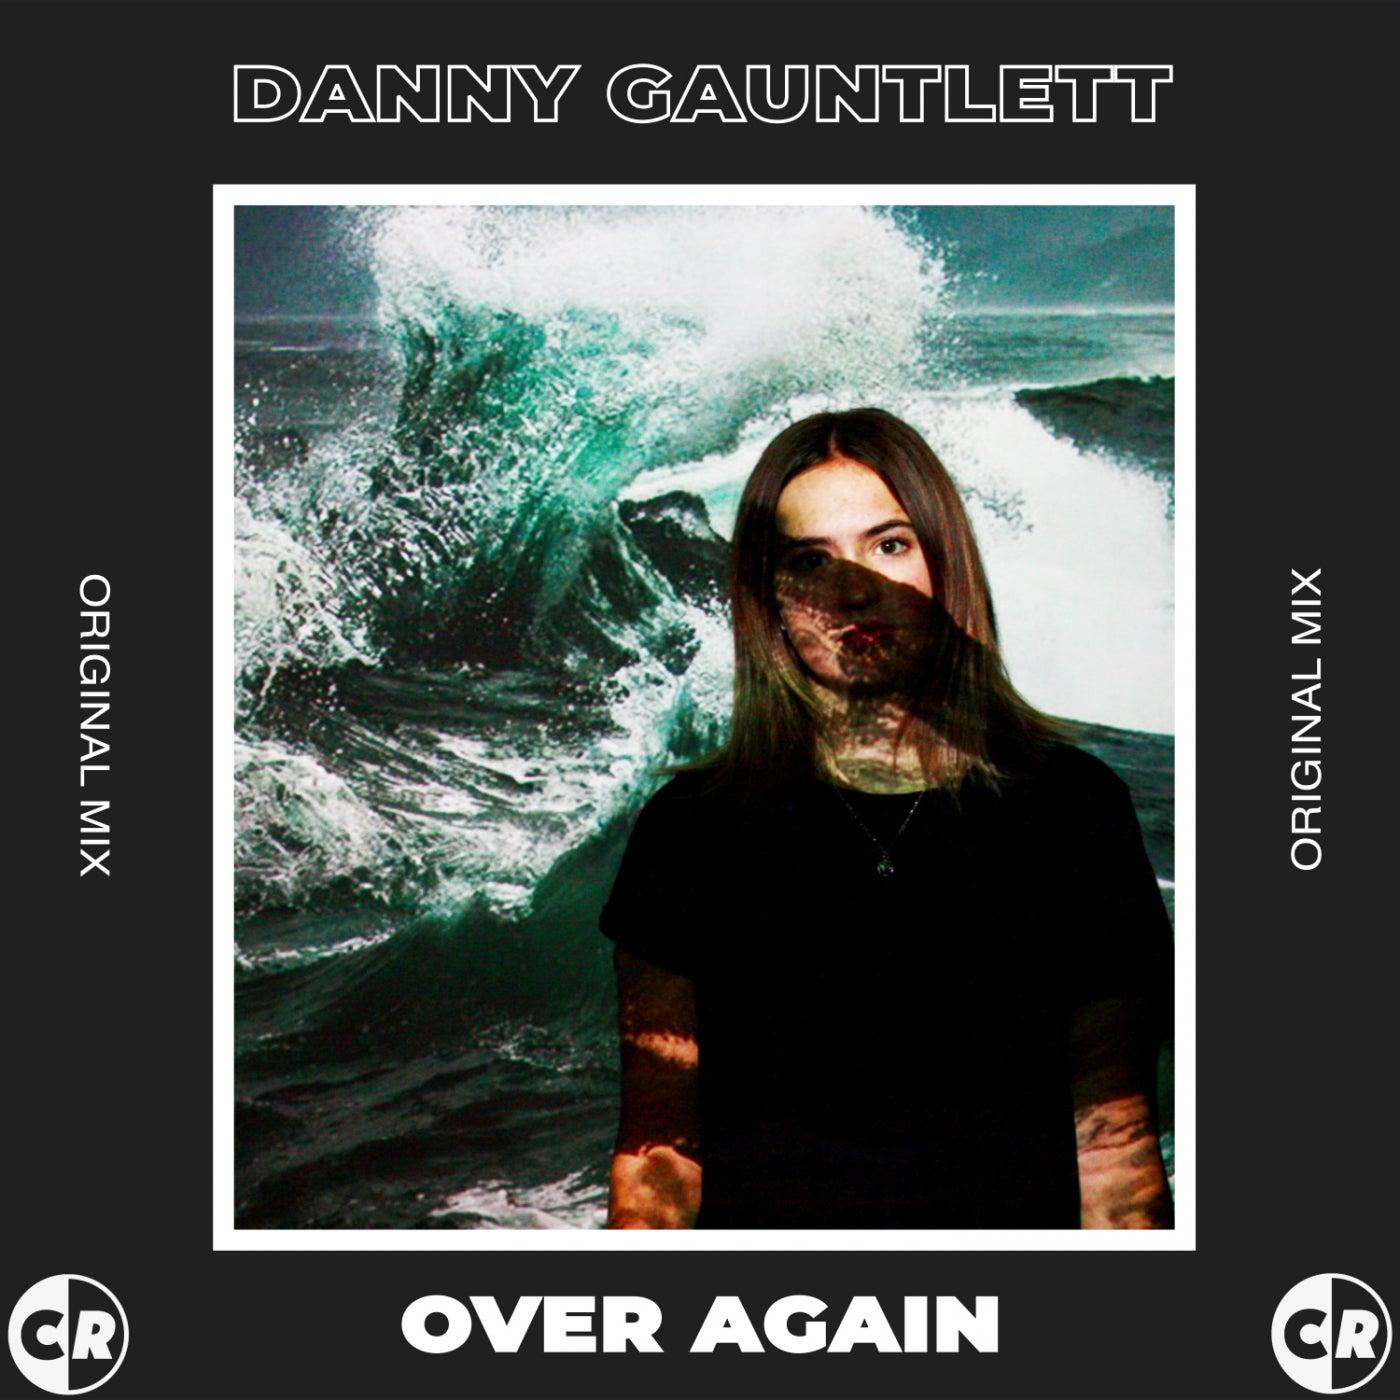 Over Again (Original Mix)